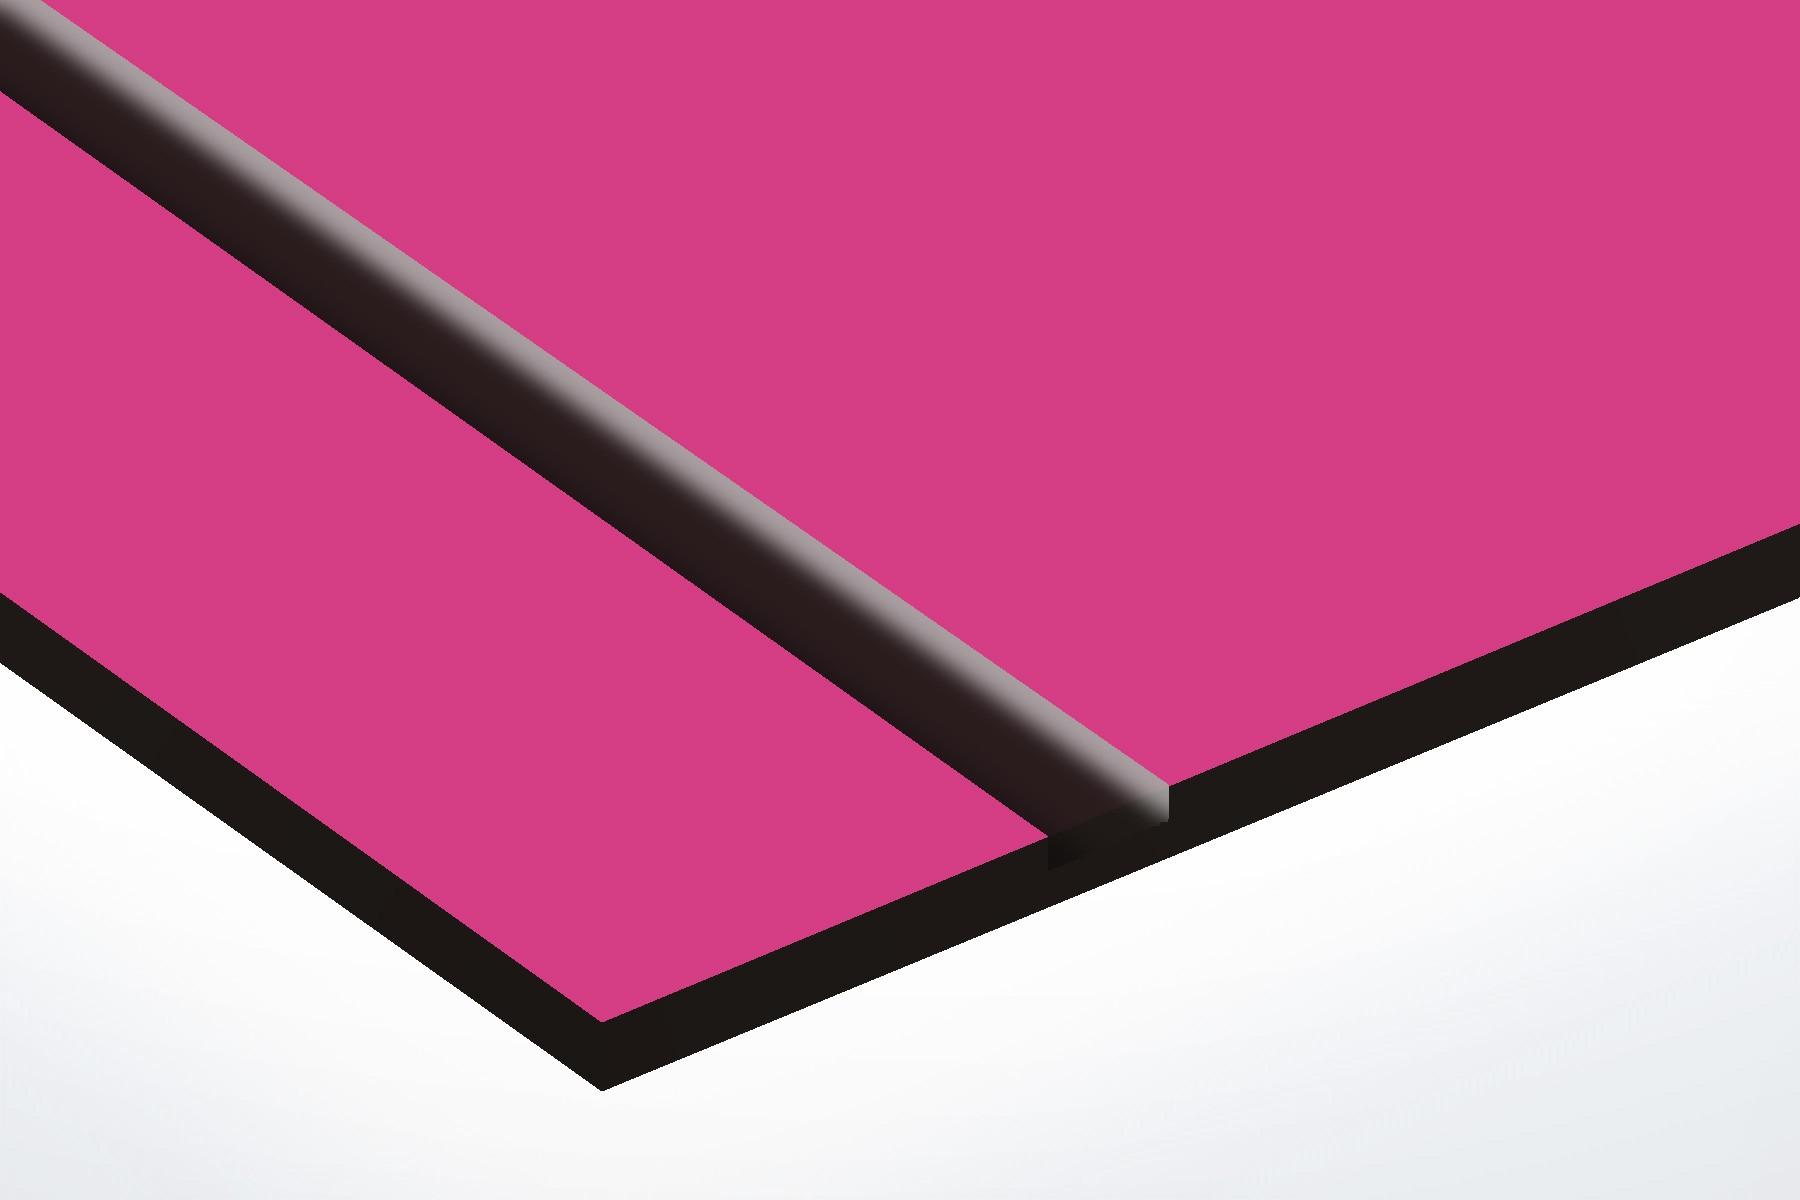 Plaque boite aux lettres Edelen STOP PUB (99x24mm) rose lettres noires - 1 ligne